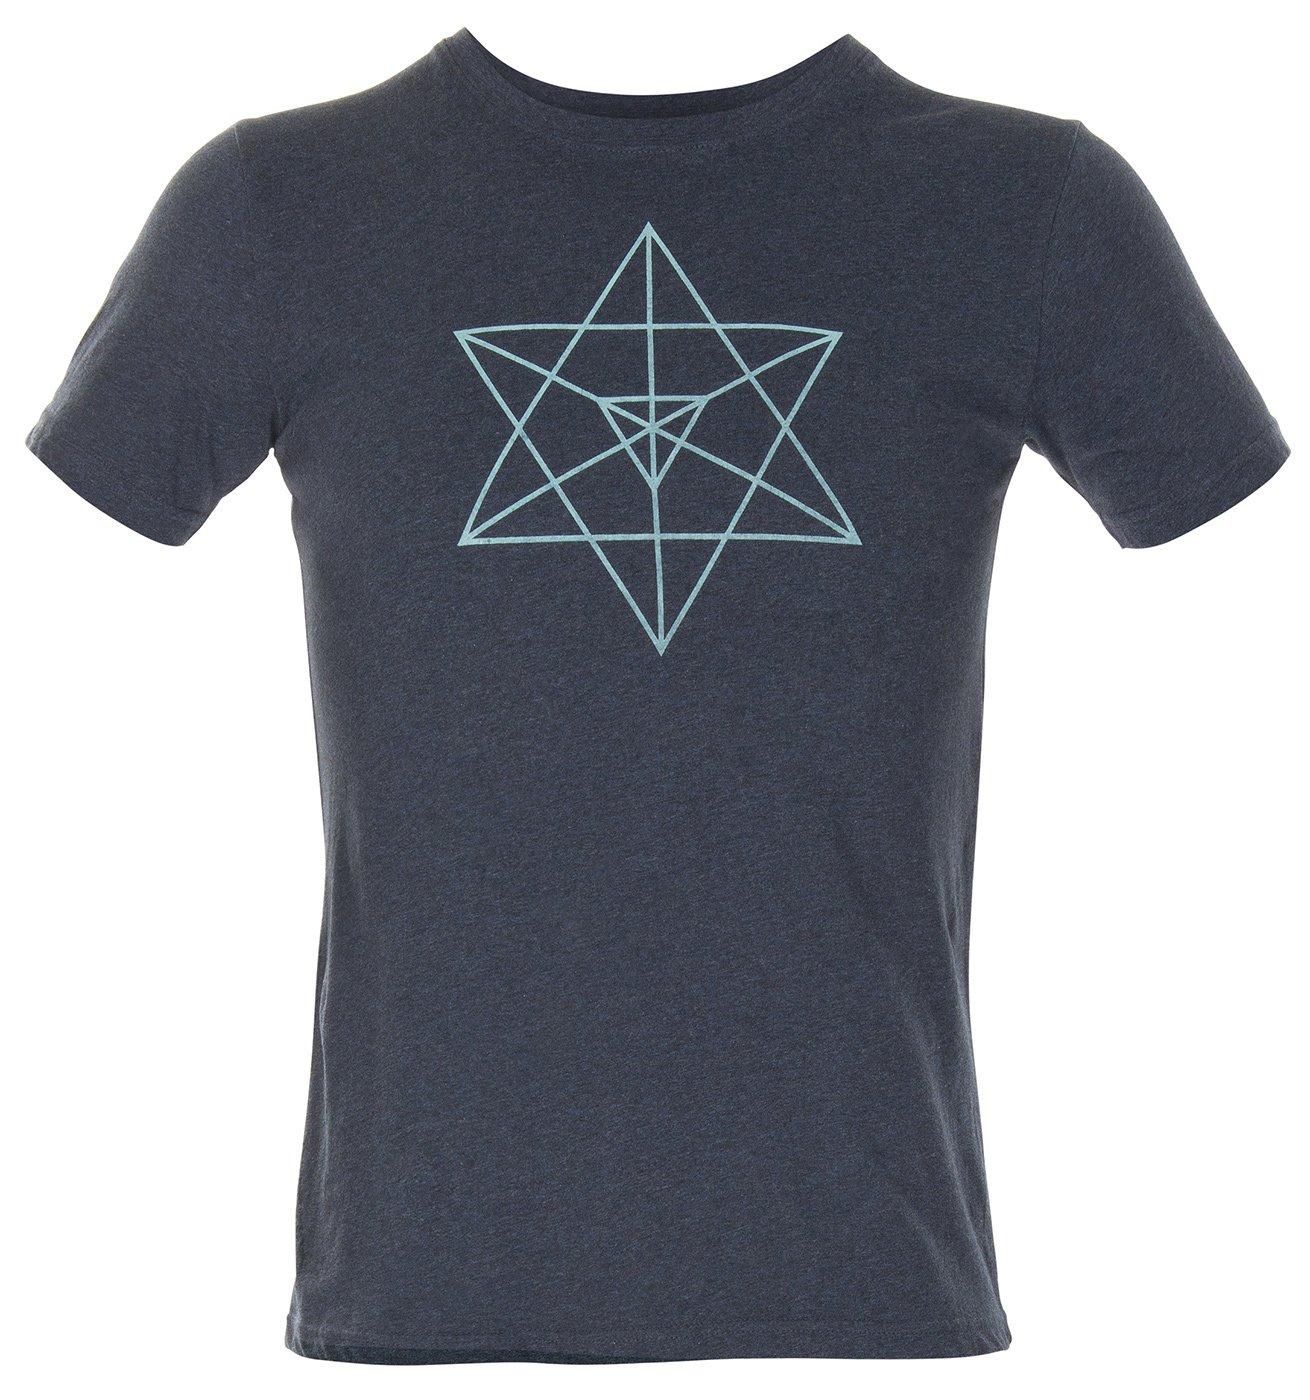 Jaya T-Shirt orin - Ink